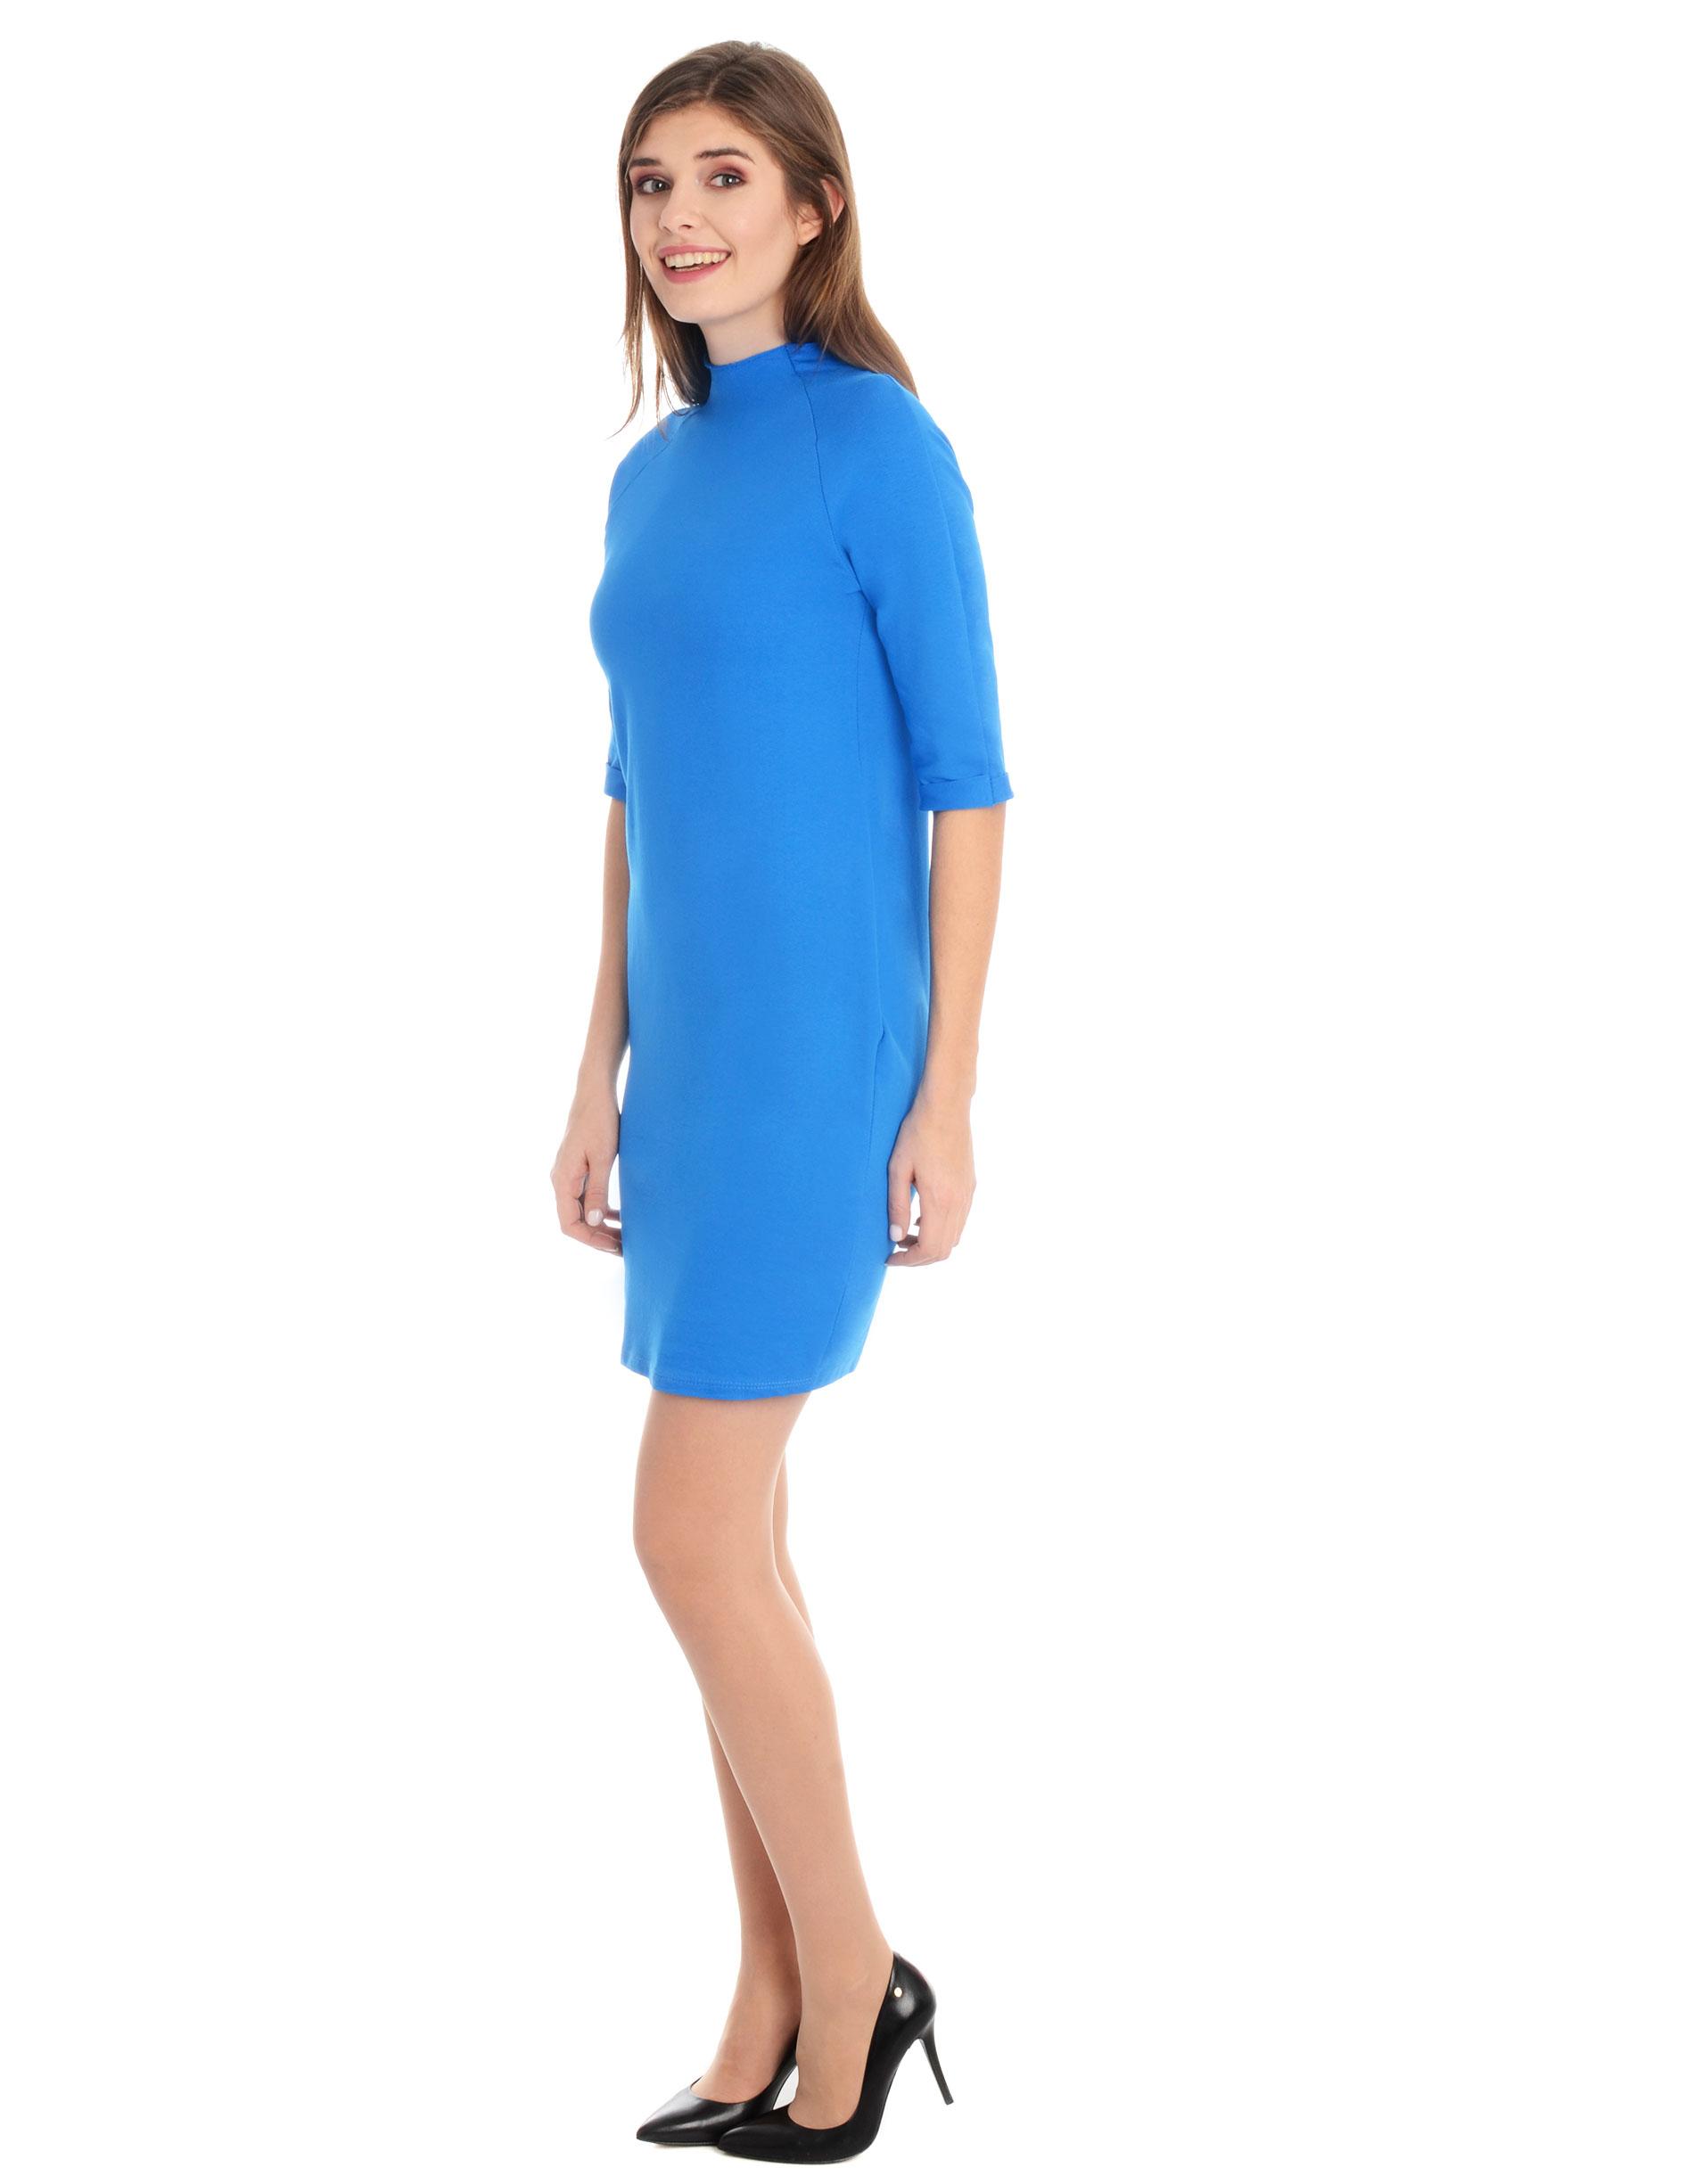 Sukienka - 118-789 ROYAL - Unisono